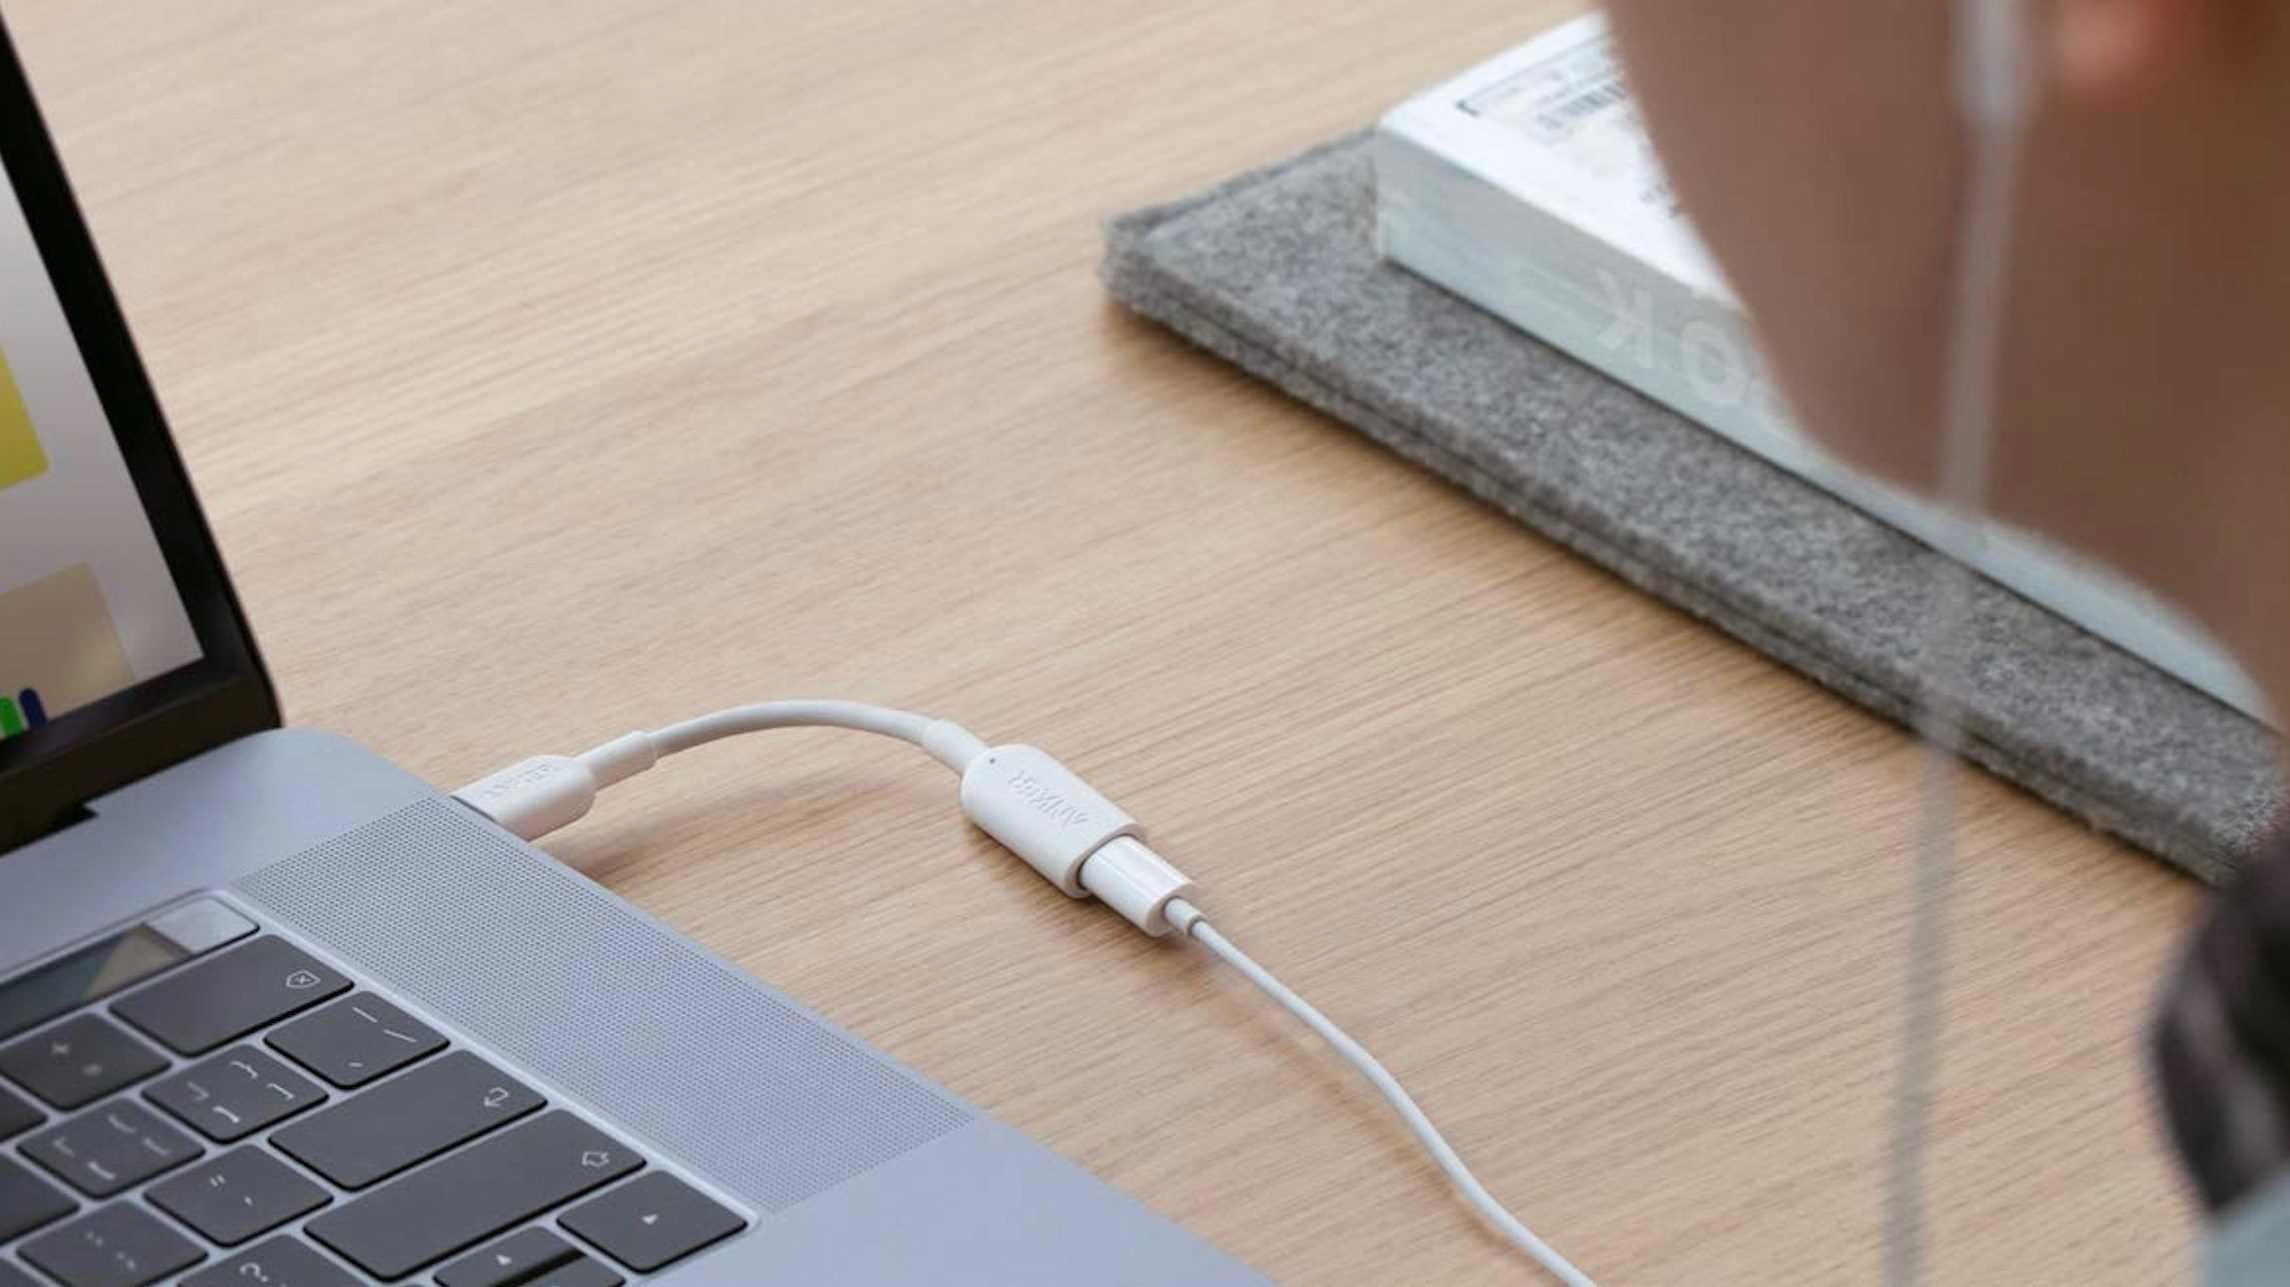 Offizieller Lightning-nach-USB-C-Adapter für Kopfhörer